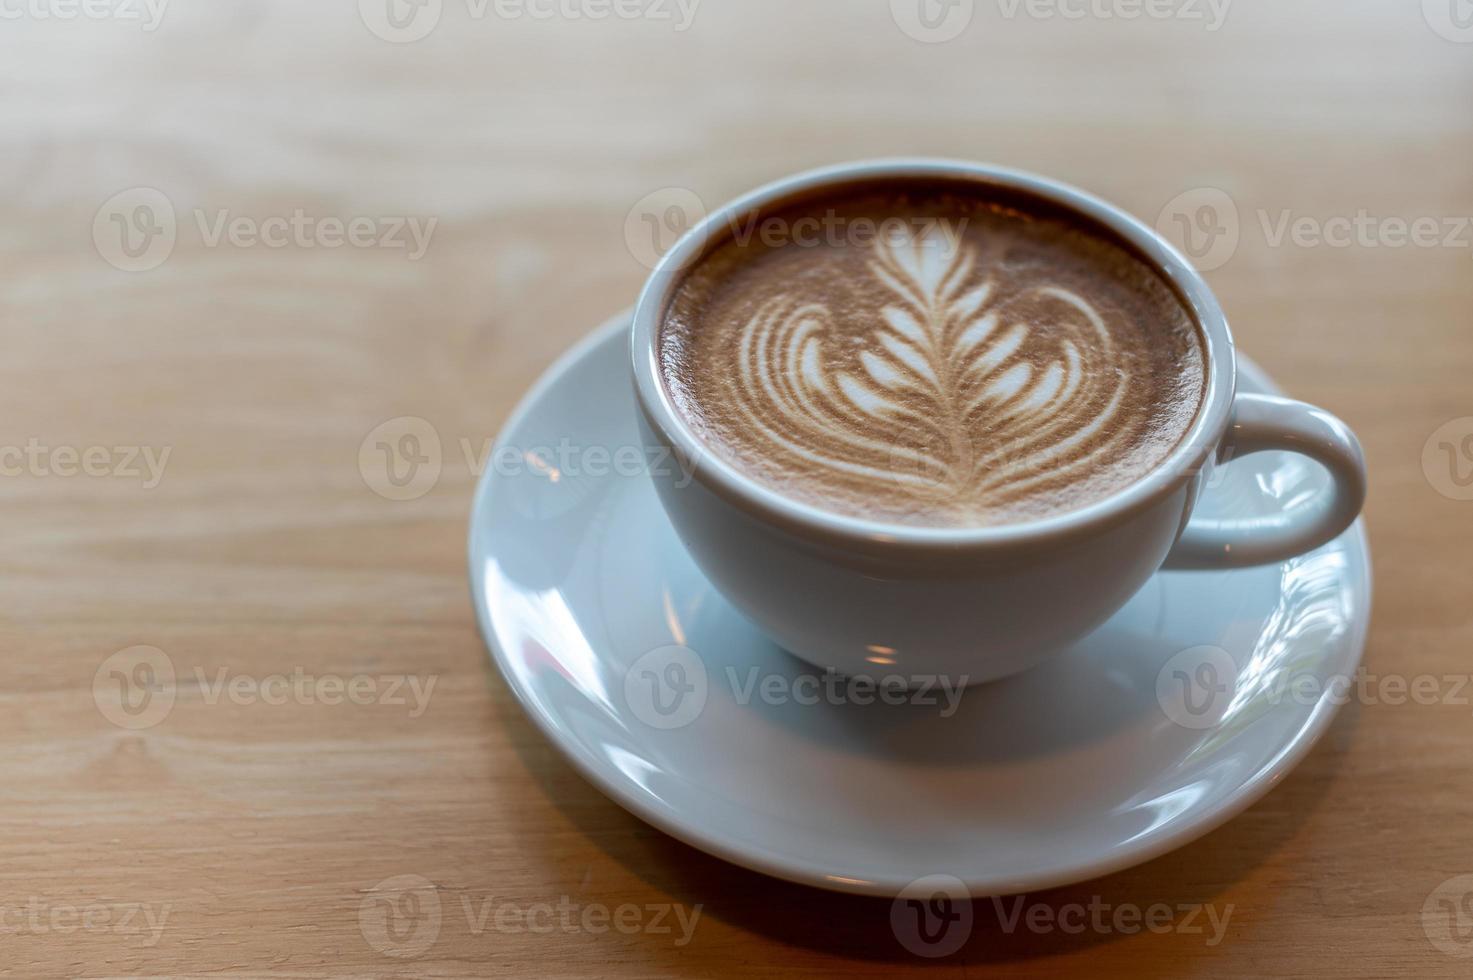 xícara de café latte art na mesa de madeira foto